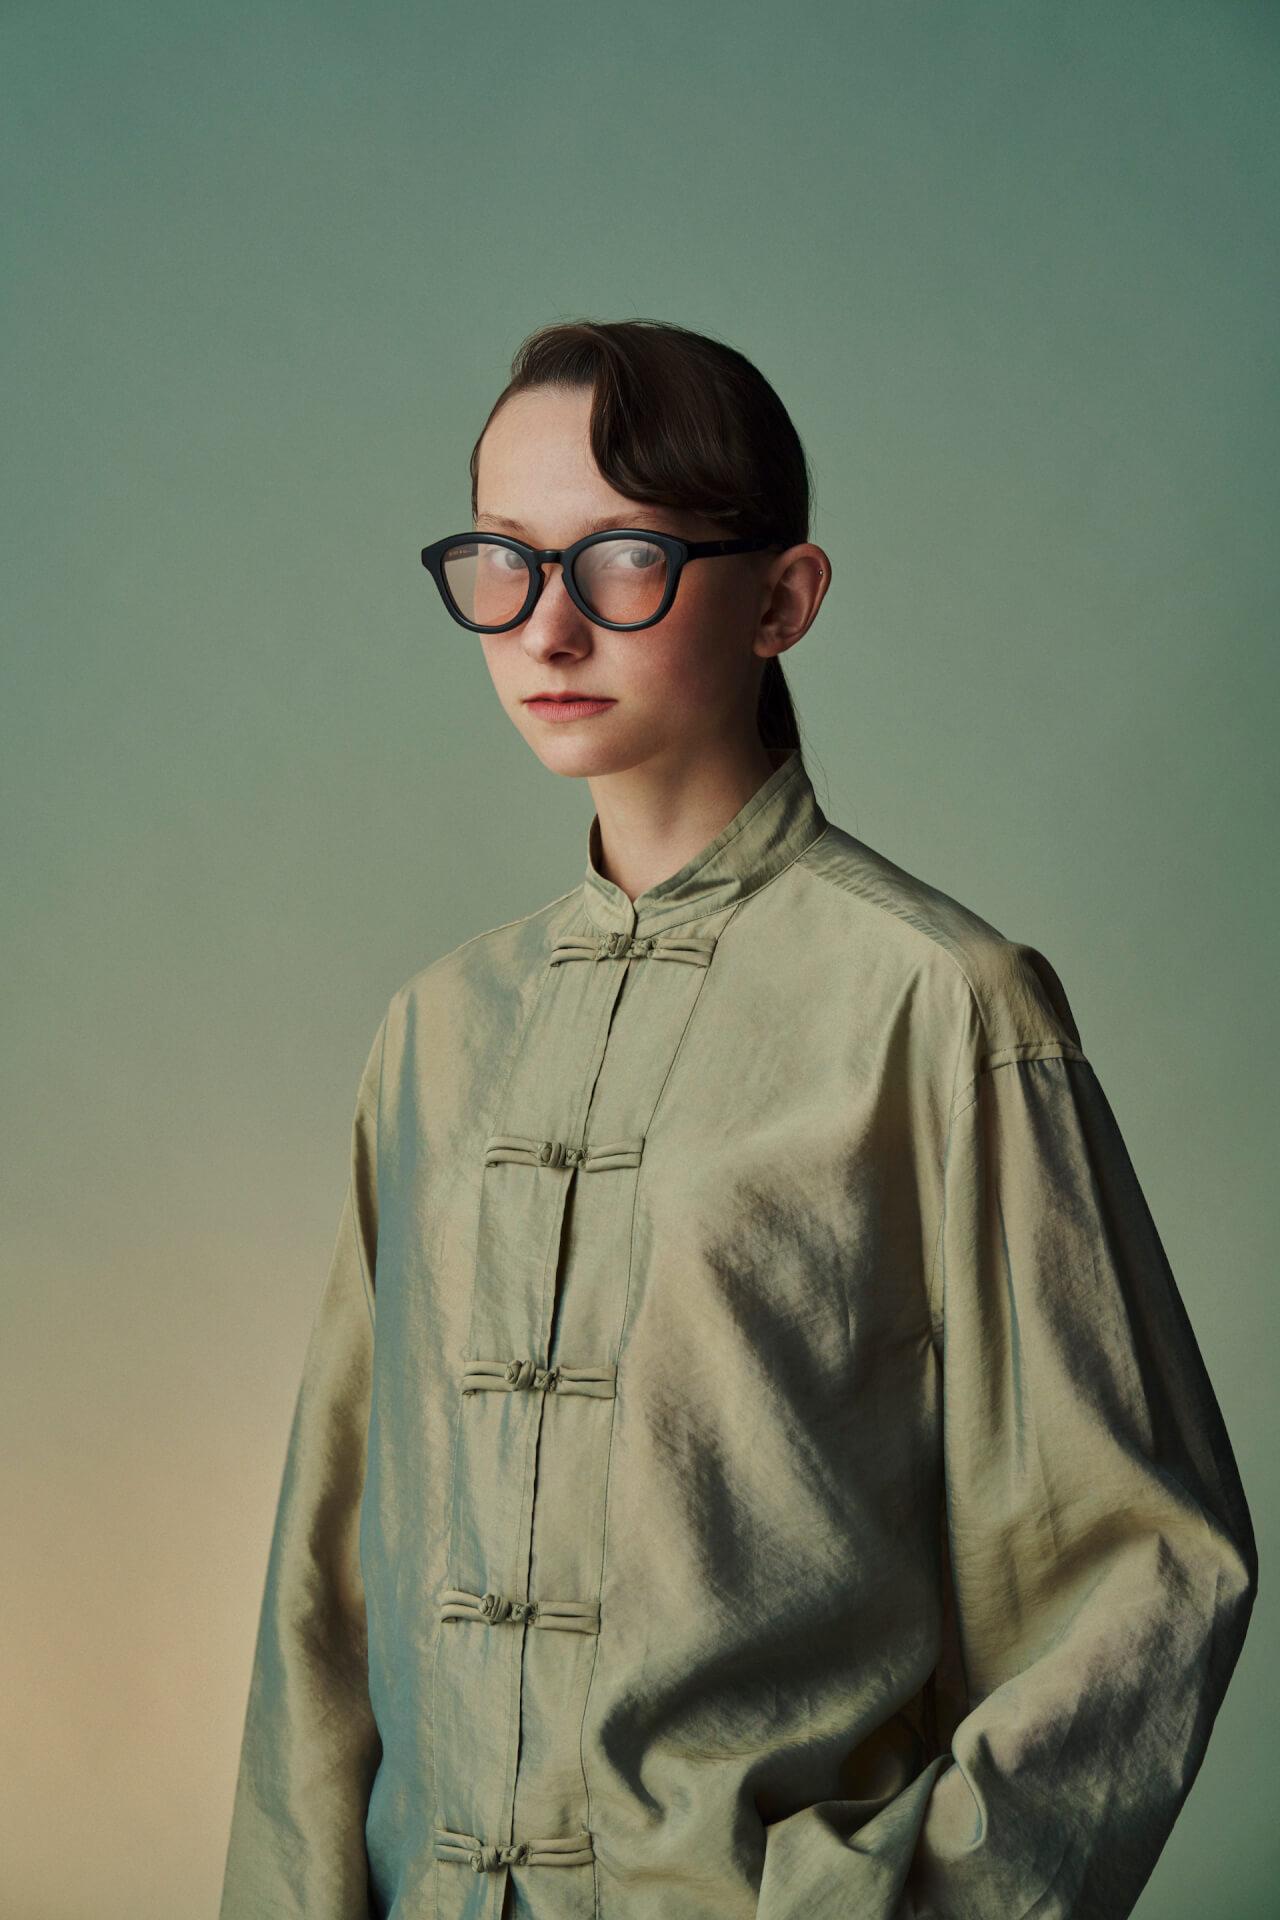 「POKER FACE」がアイウェアブランド「ayame」に別注をかけたセルロイド製の「曇らないサングラス」を発売決定! Fashion_210719_koro6